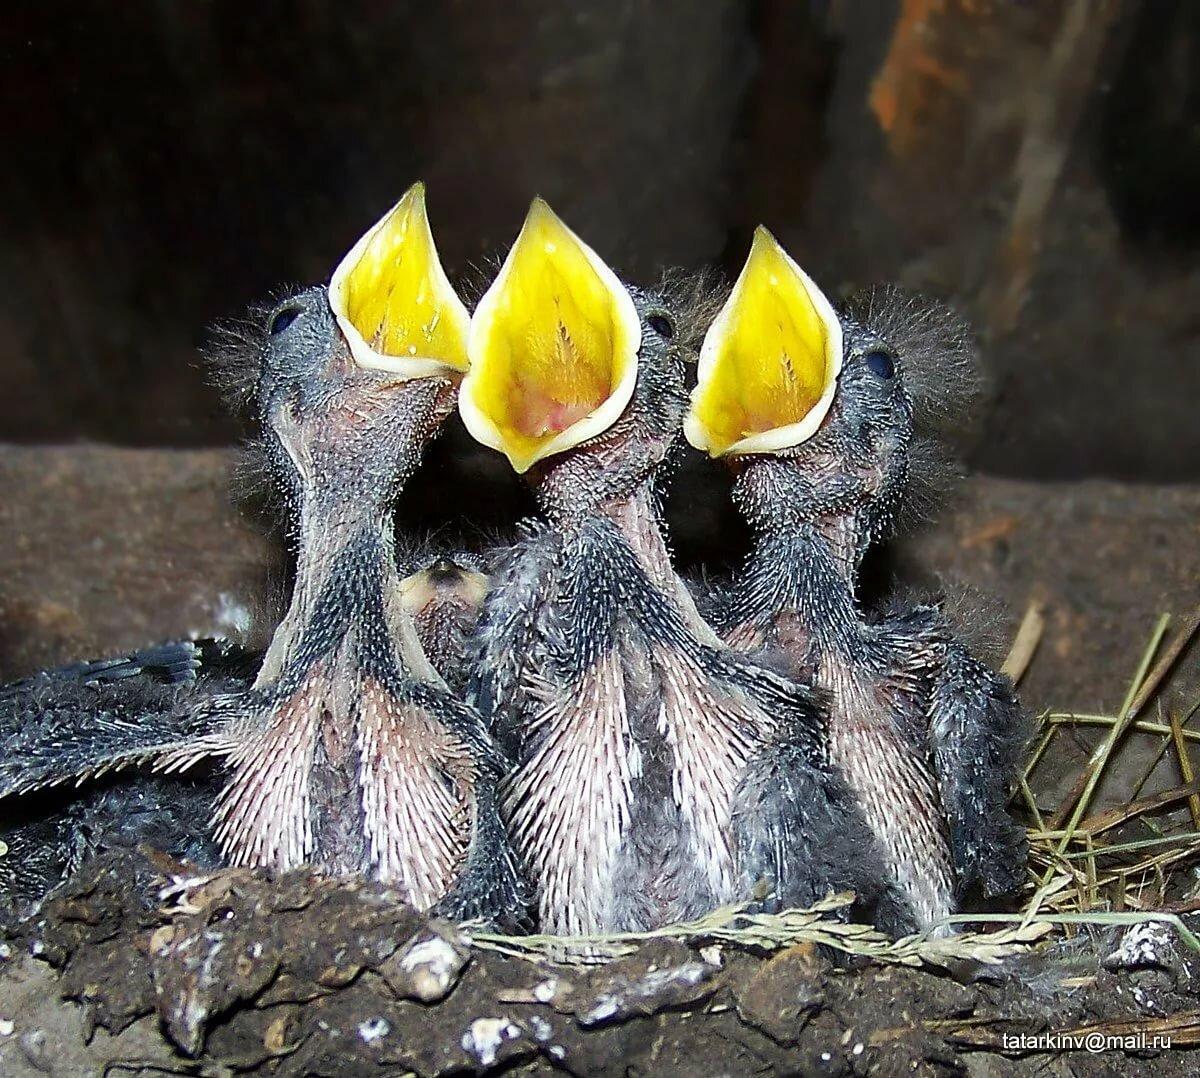 дает покупателям птенцы желтых птиц фото и название сюжету фильма